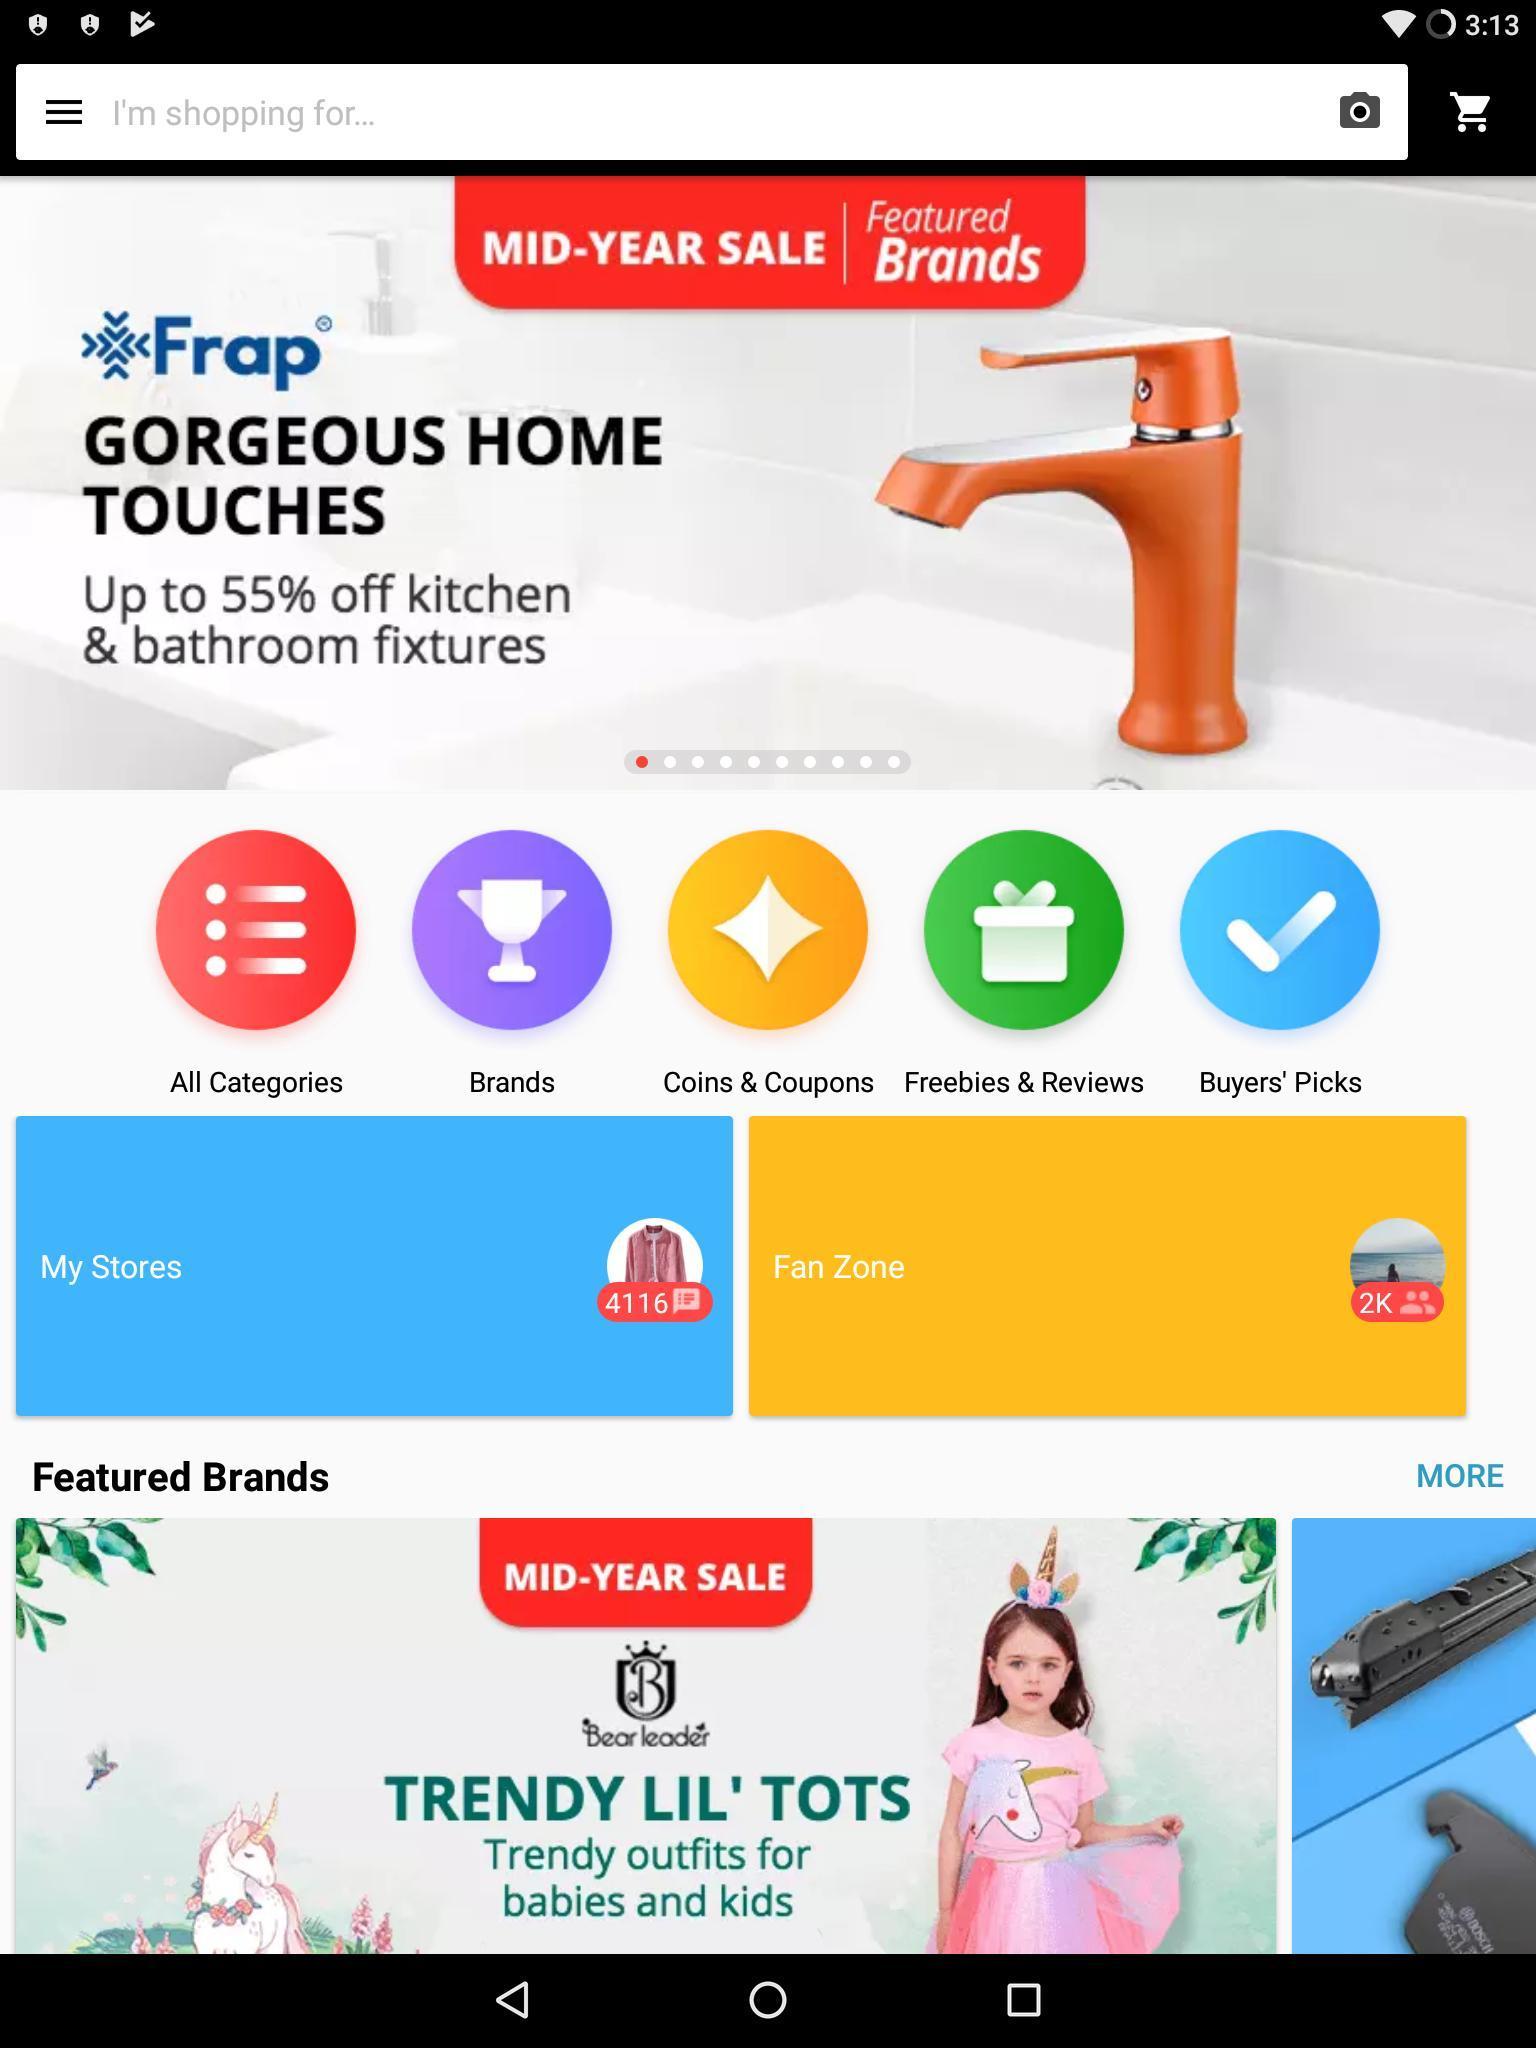 AliExpress Smarter Shopping, Better Living 8.3.3 Screenshot 7